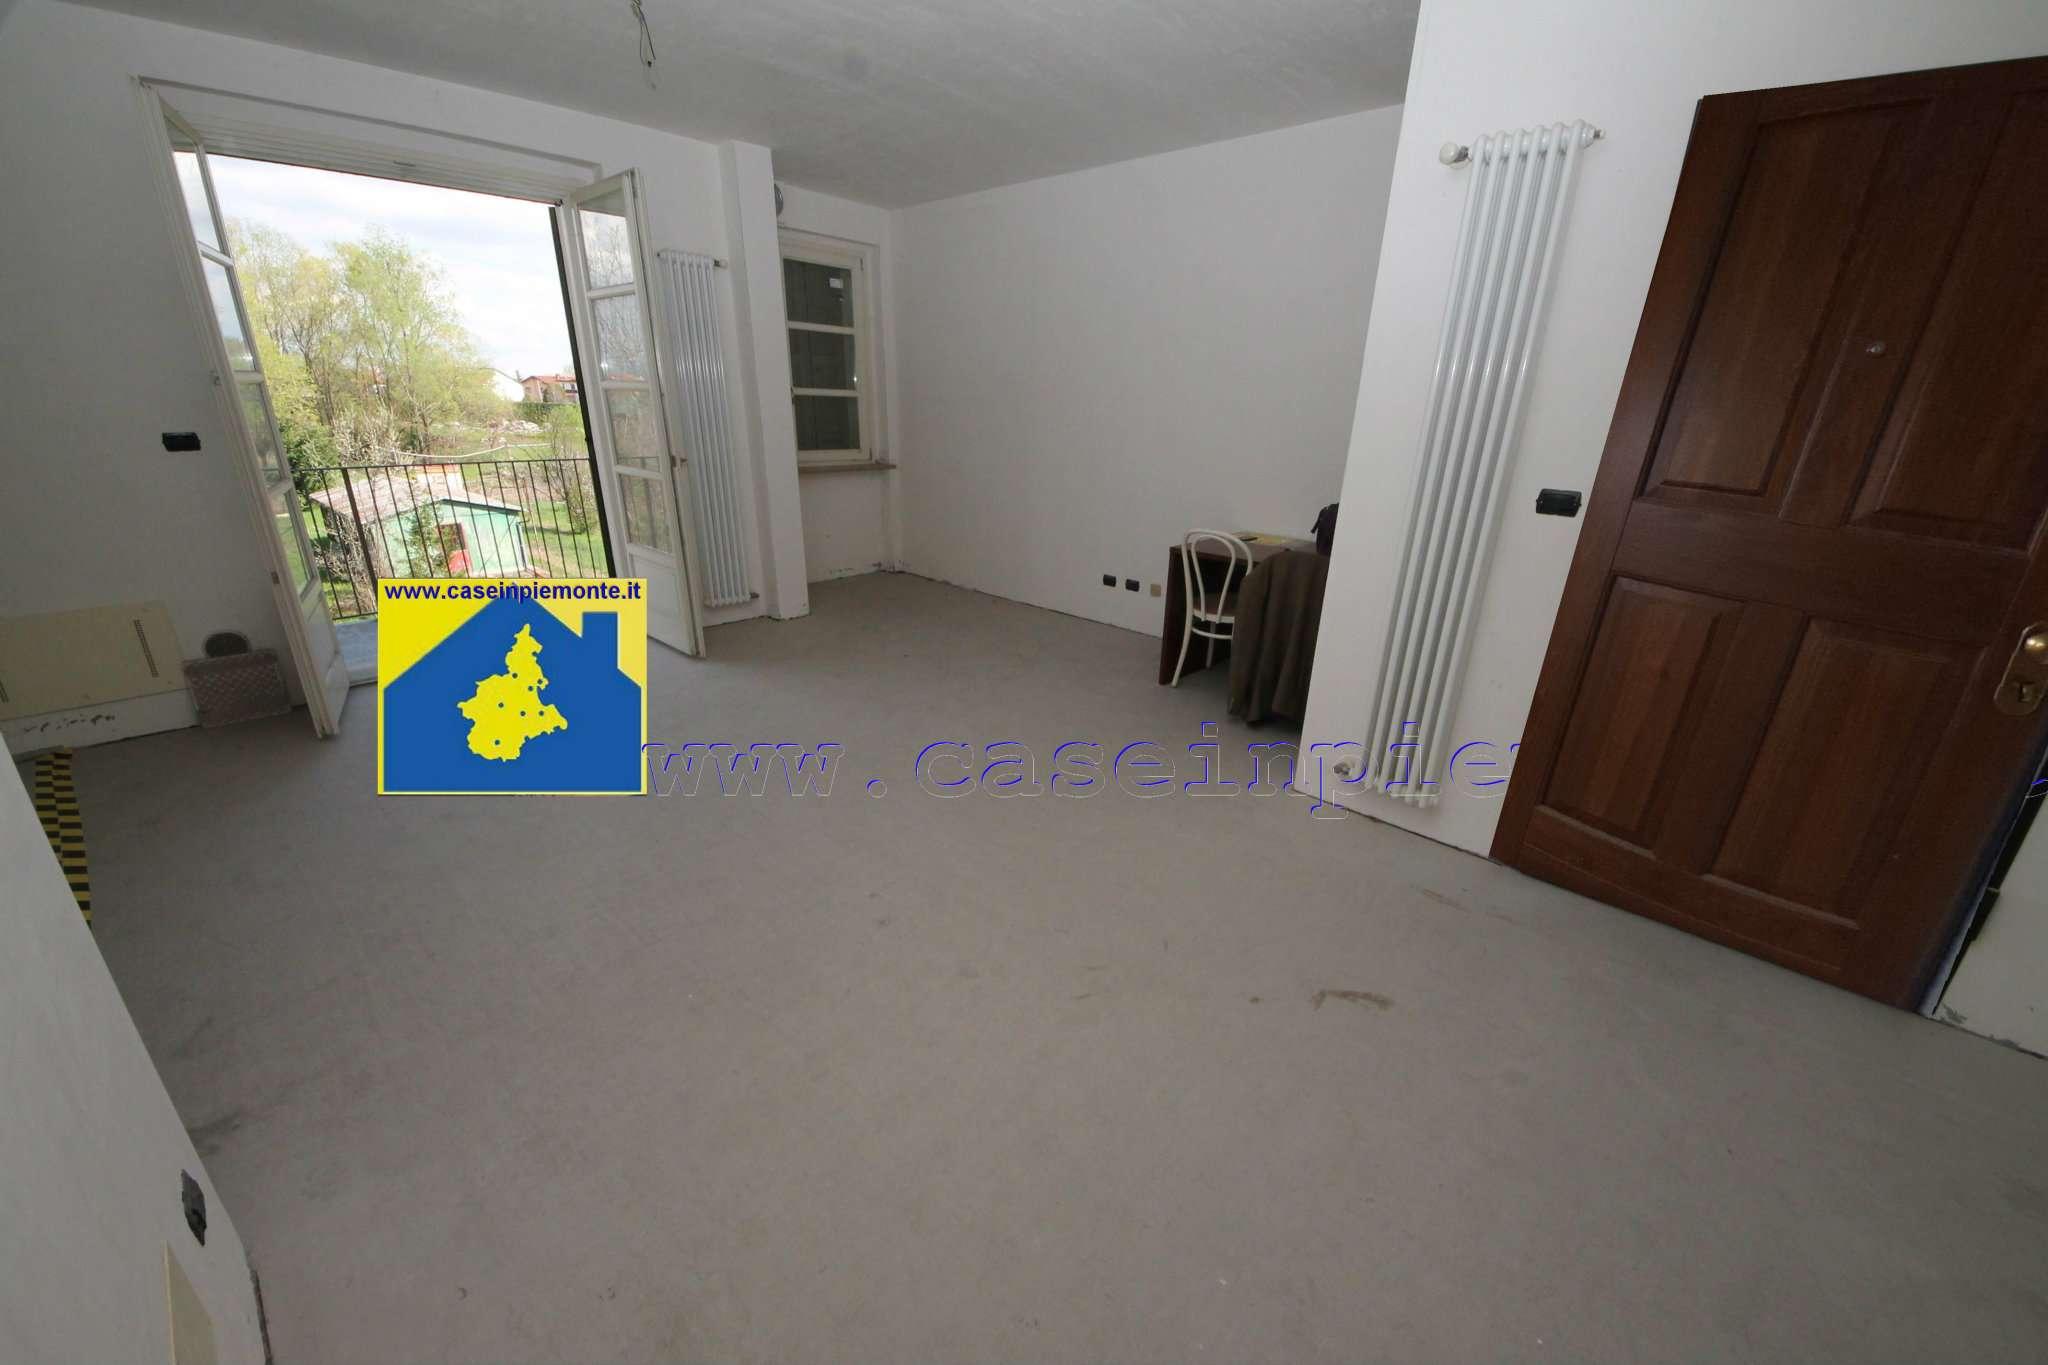 Appartamento in vendita a Rivoli, 4 locali, prezzo € 280.000 | CambioCasa.it